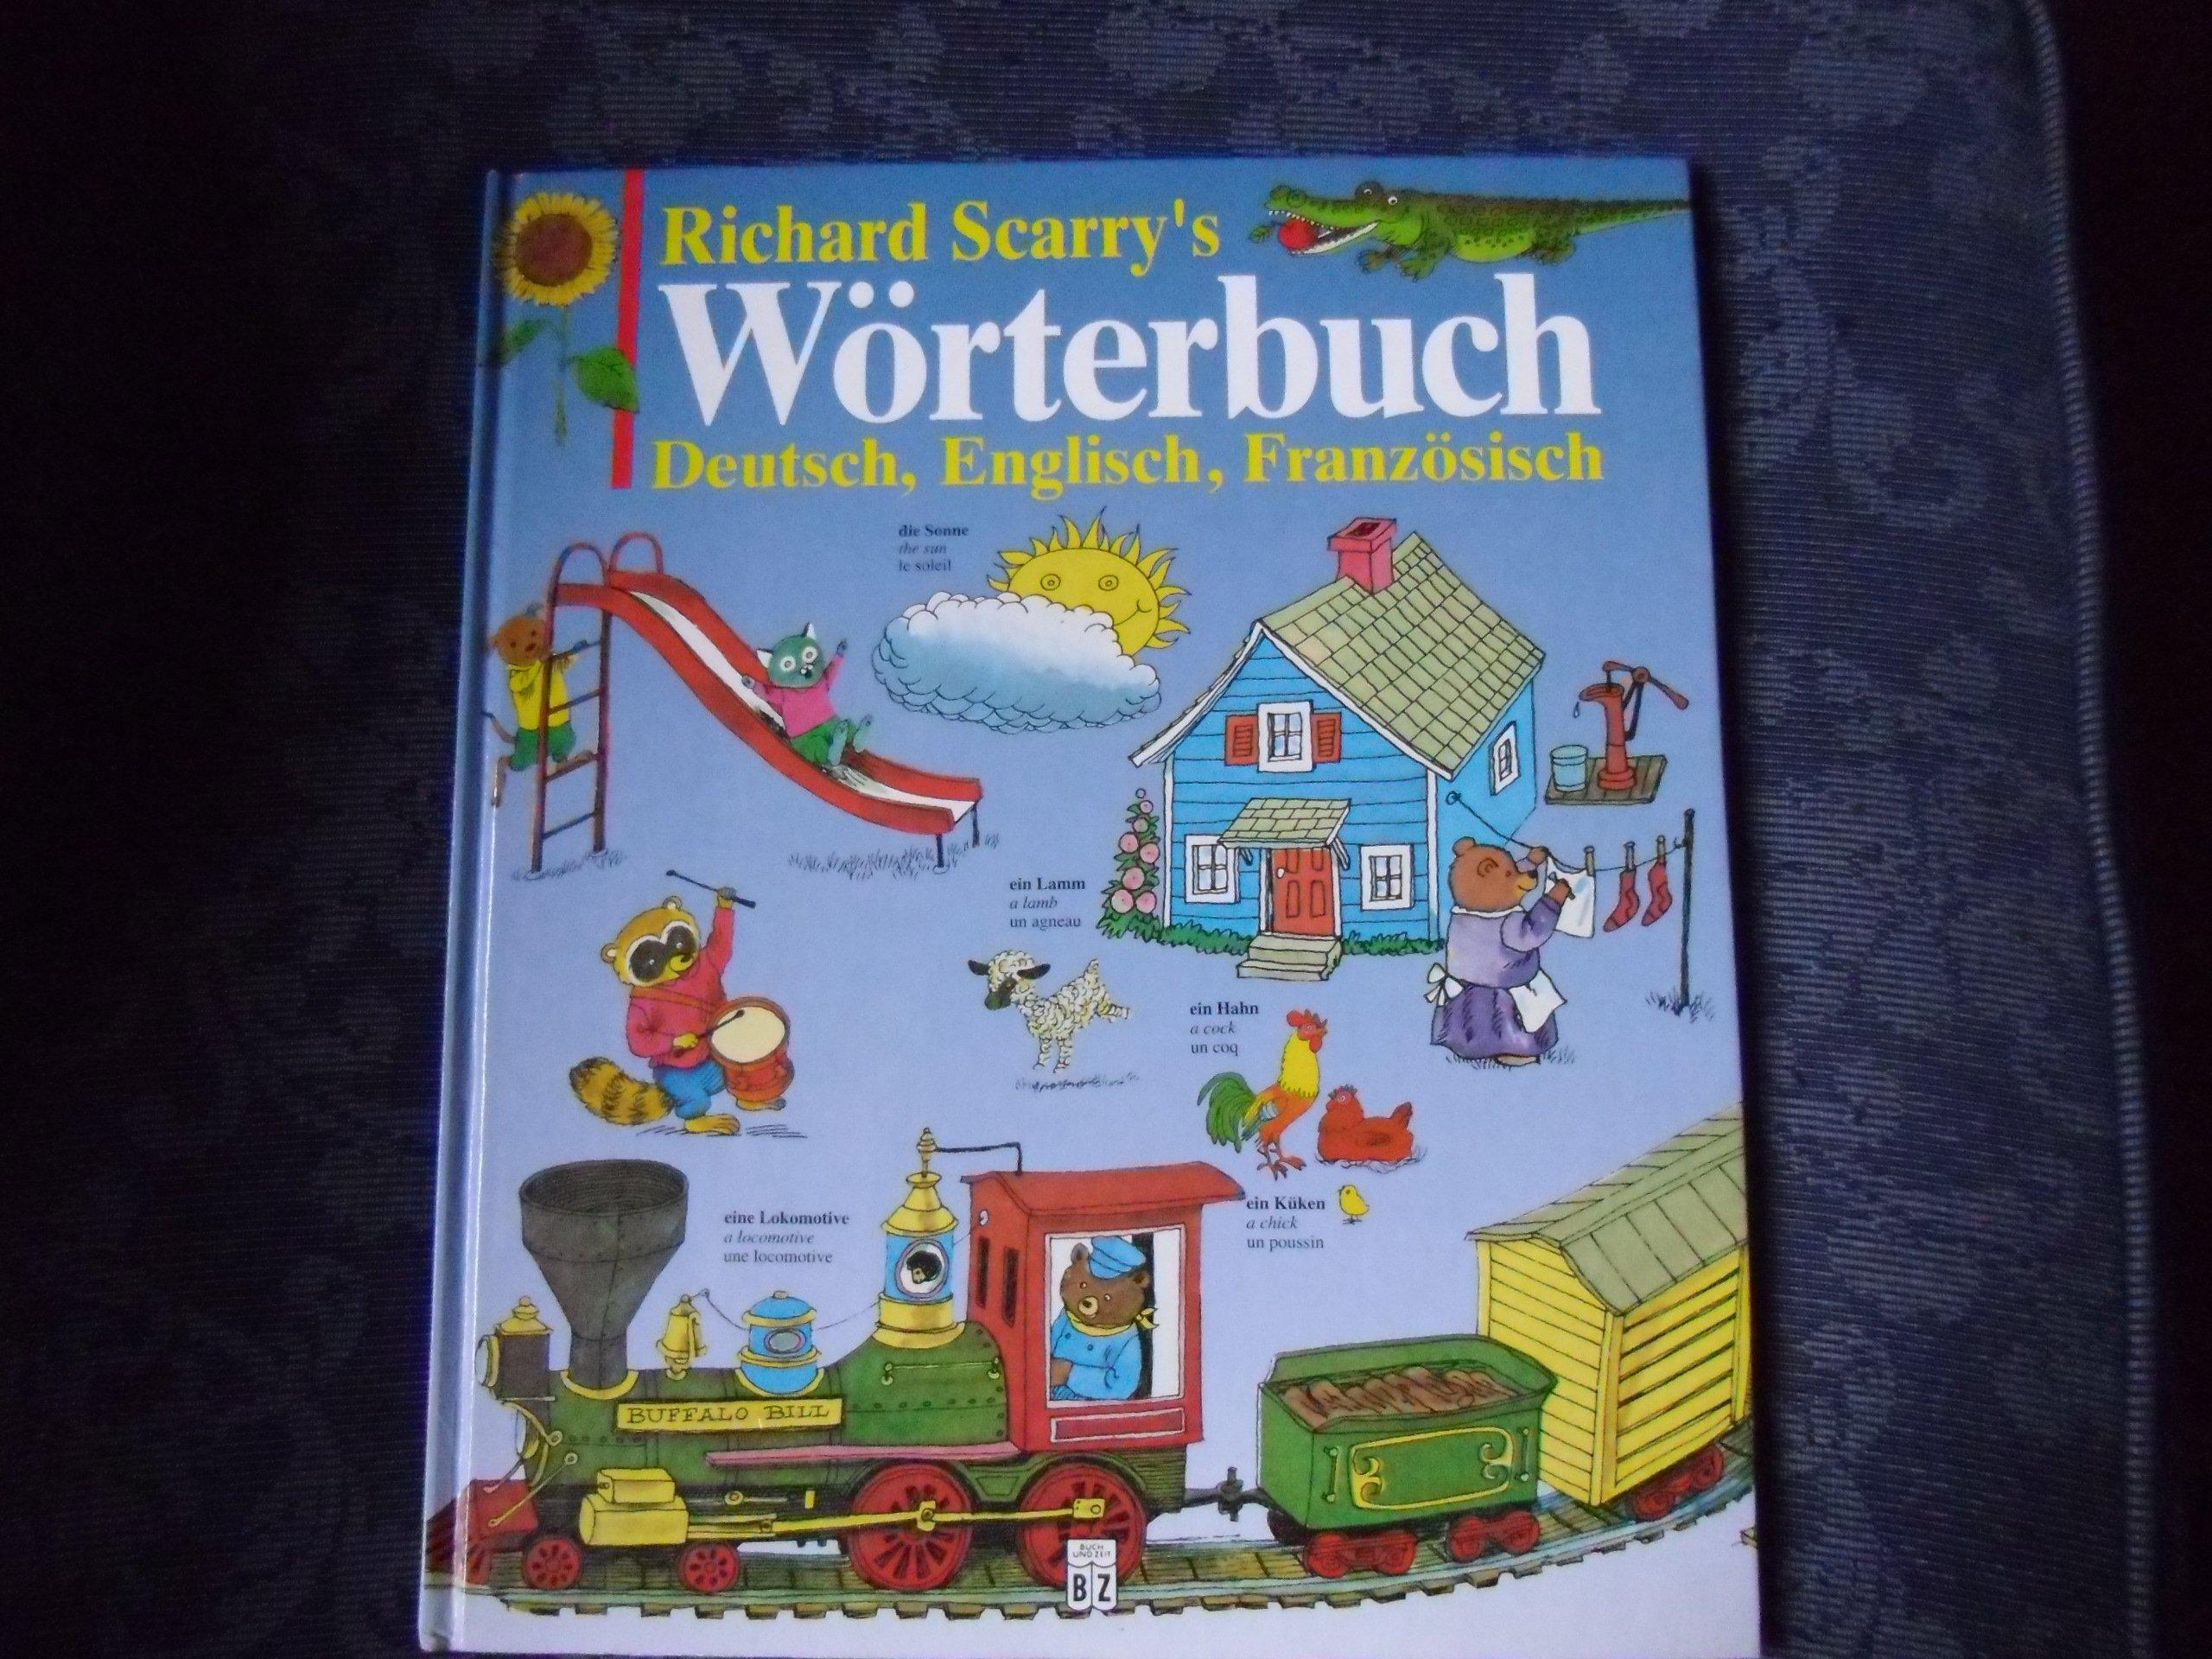 Richard Scarry's Wörterbuch Deutsch, Englisch, Französisch